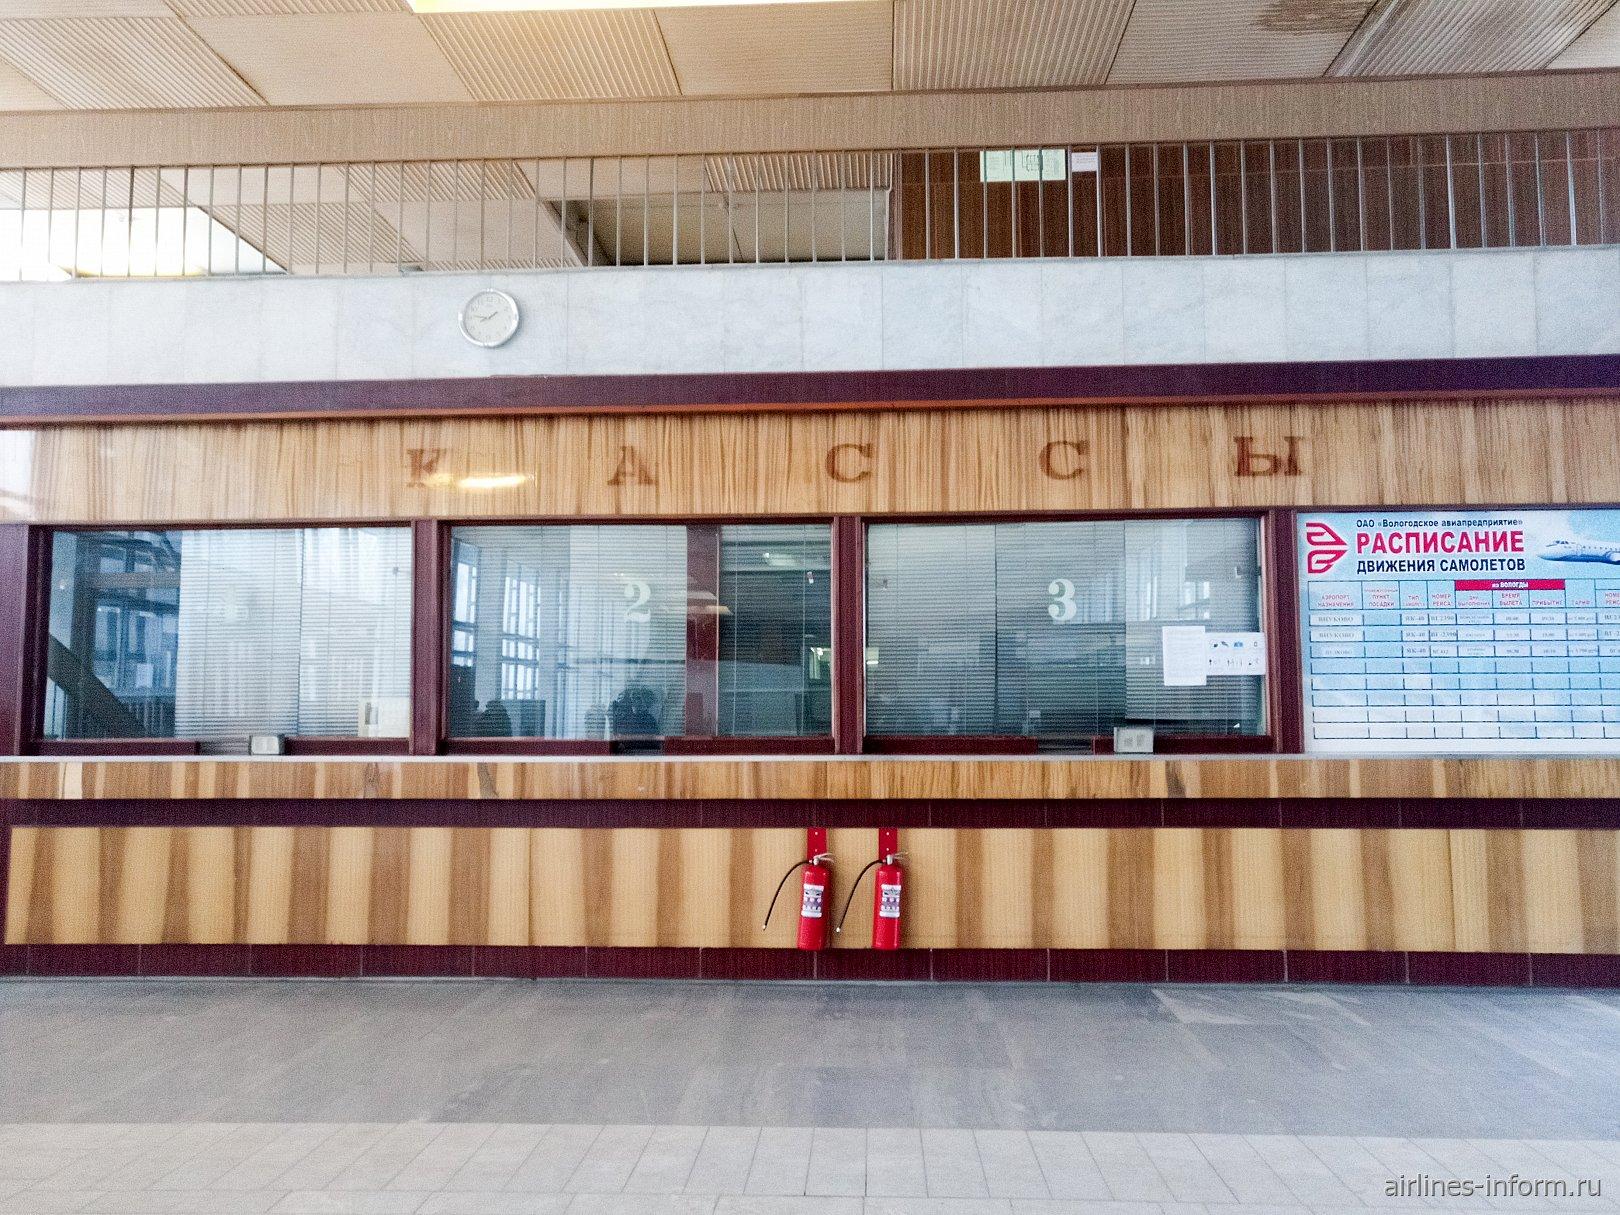 Авиакассы в аэропорту Вологды